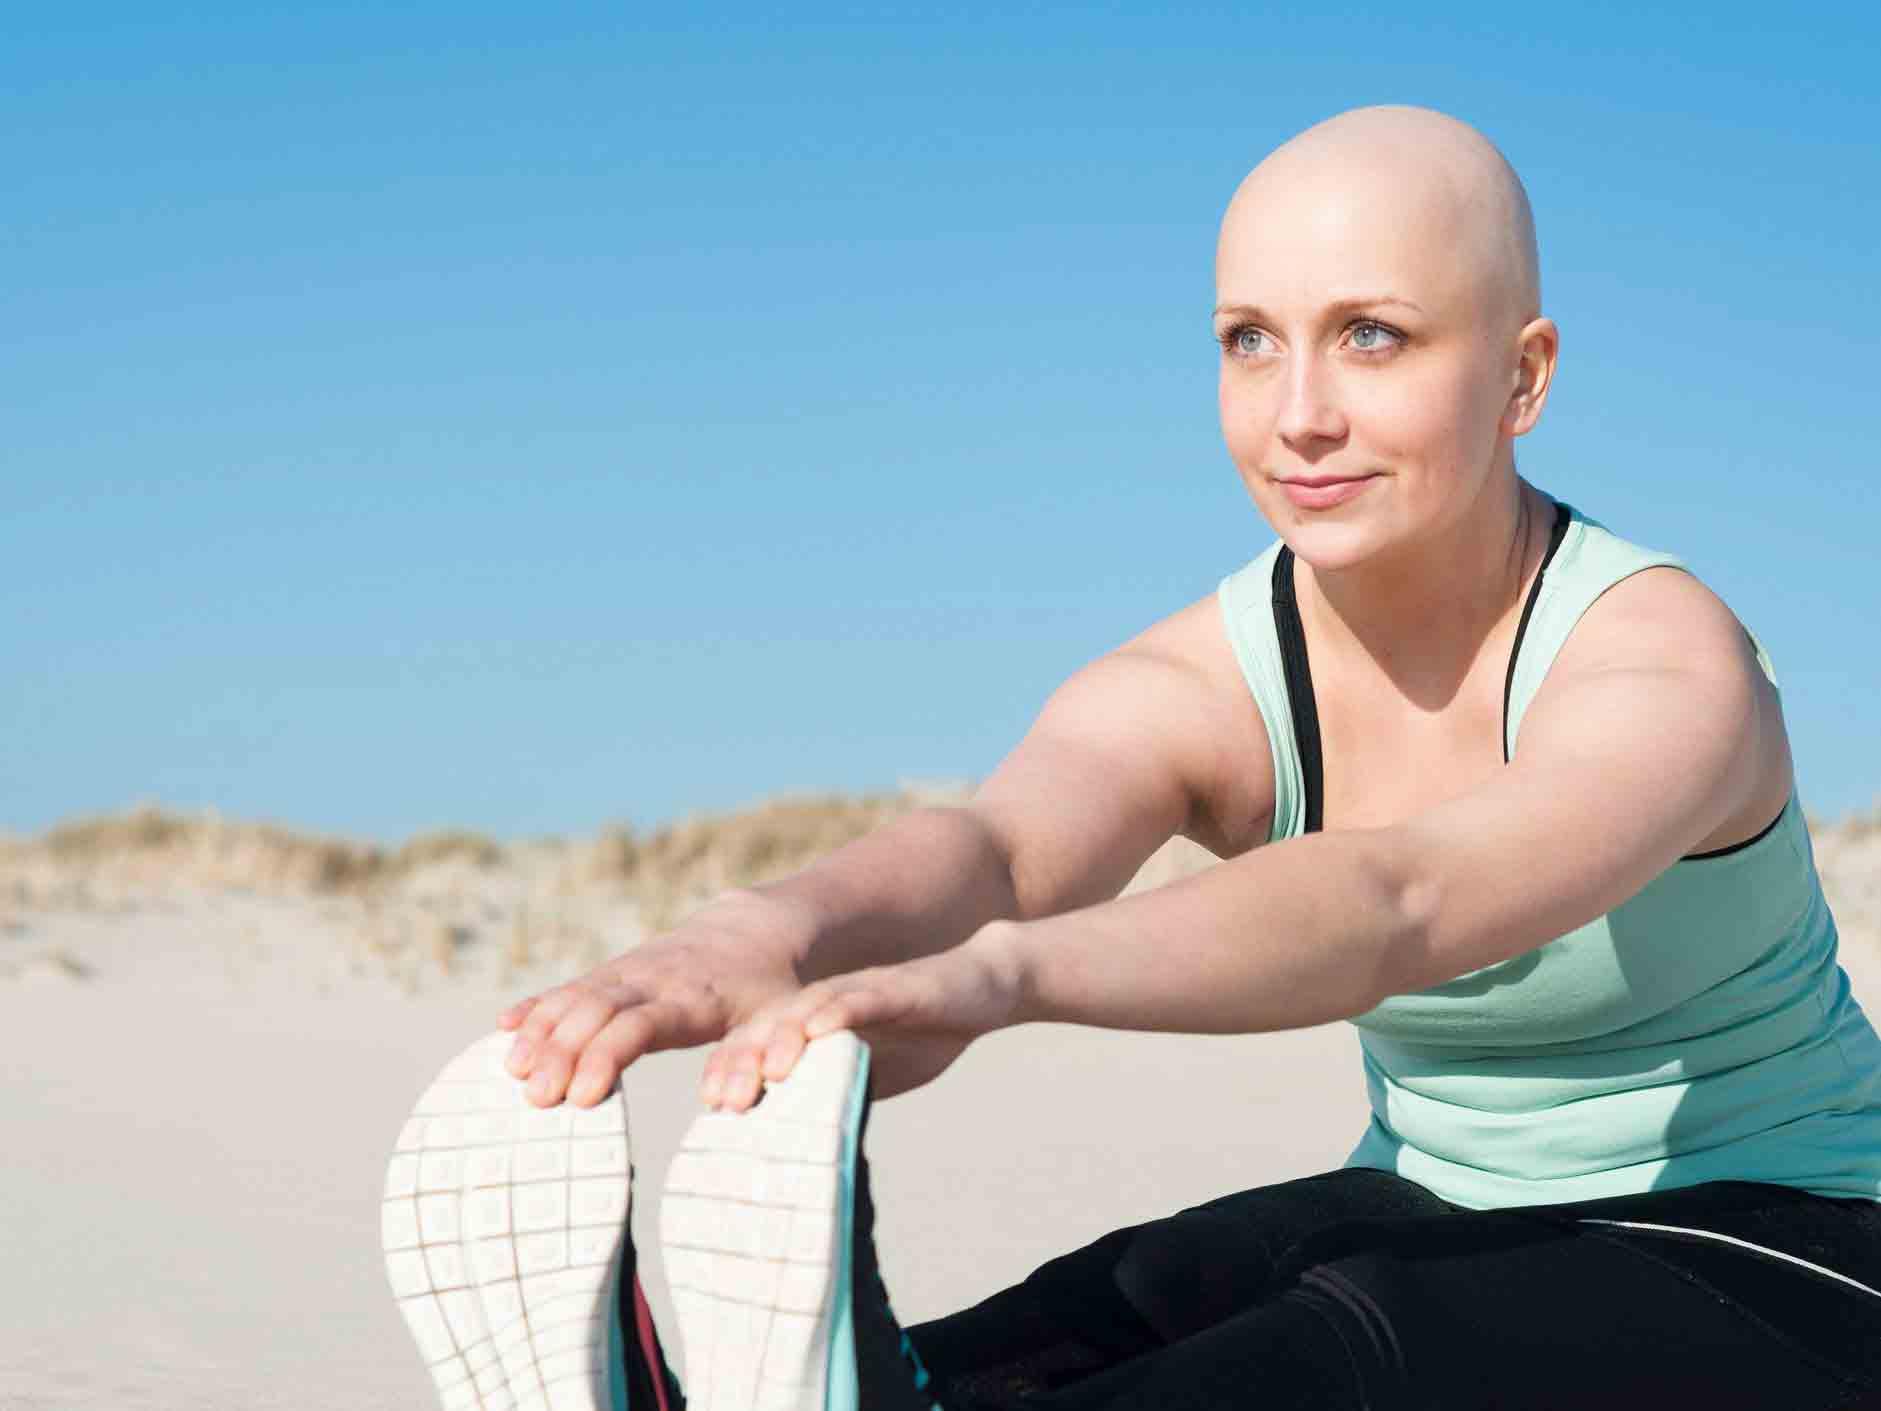 مراقبت از بیمار سرطانی|مرکز پارسیان مهرپرور